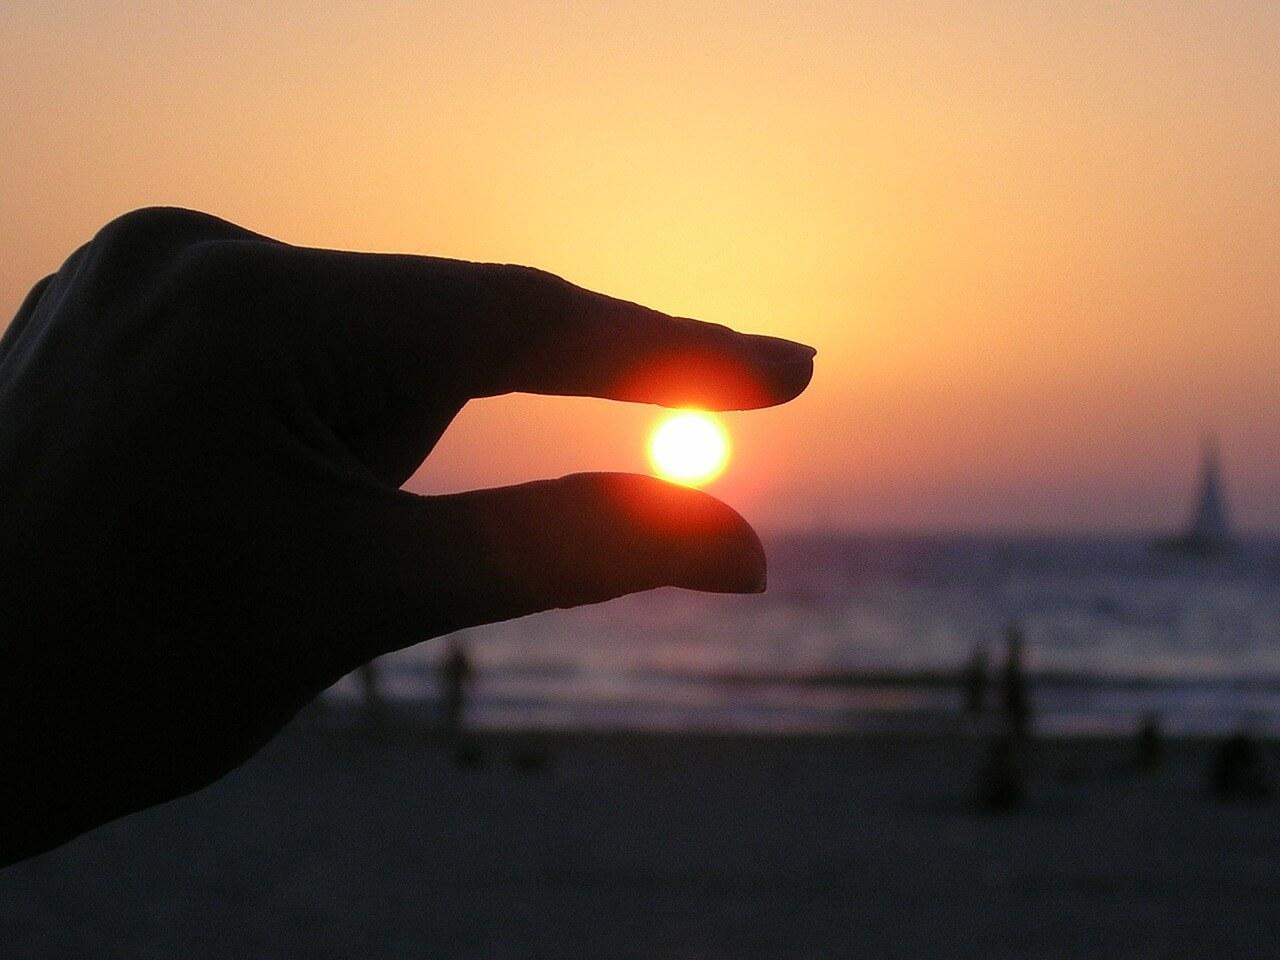 De beste zonbescherming. Ook tijdens je vakantie